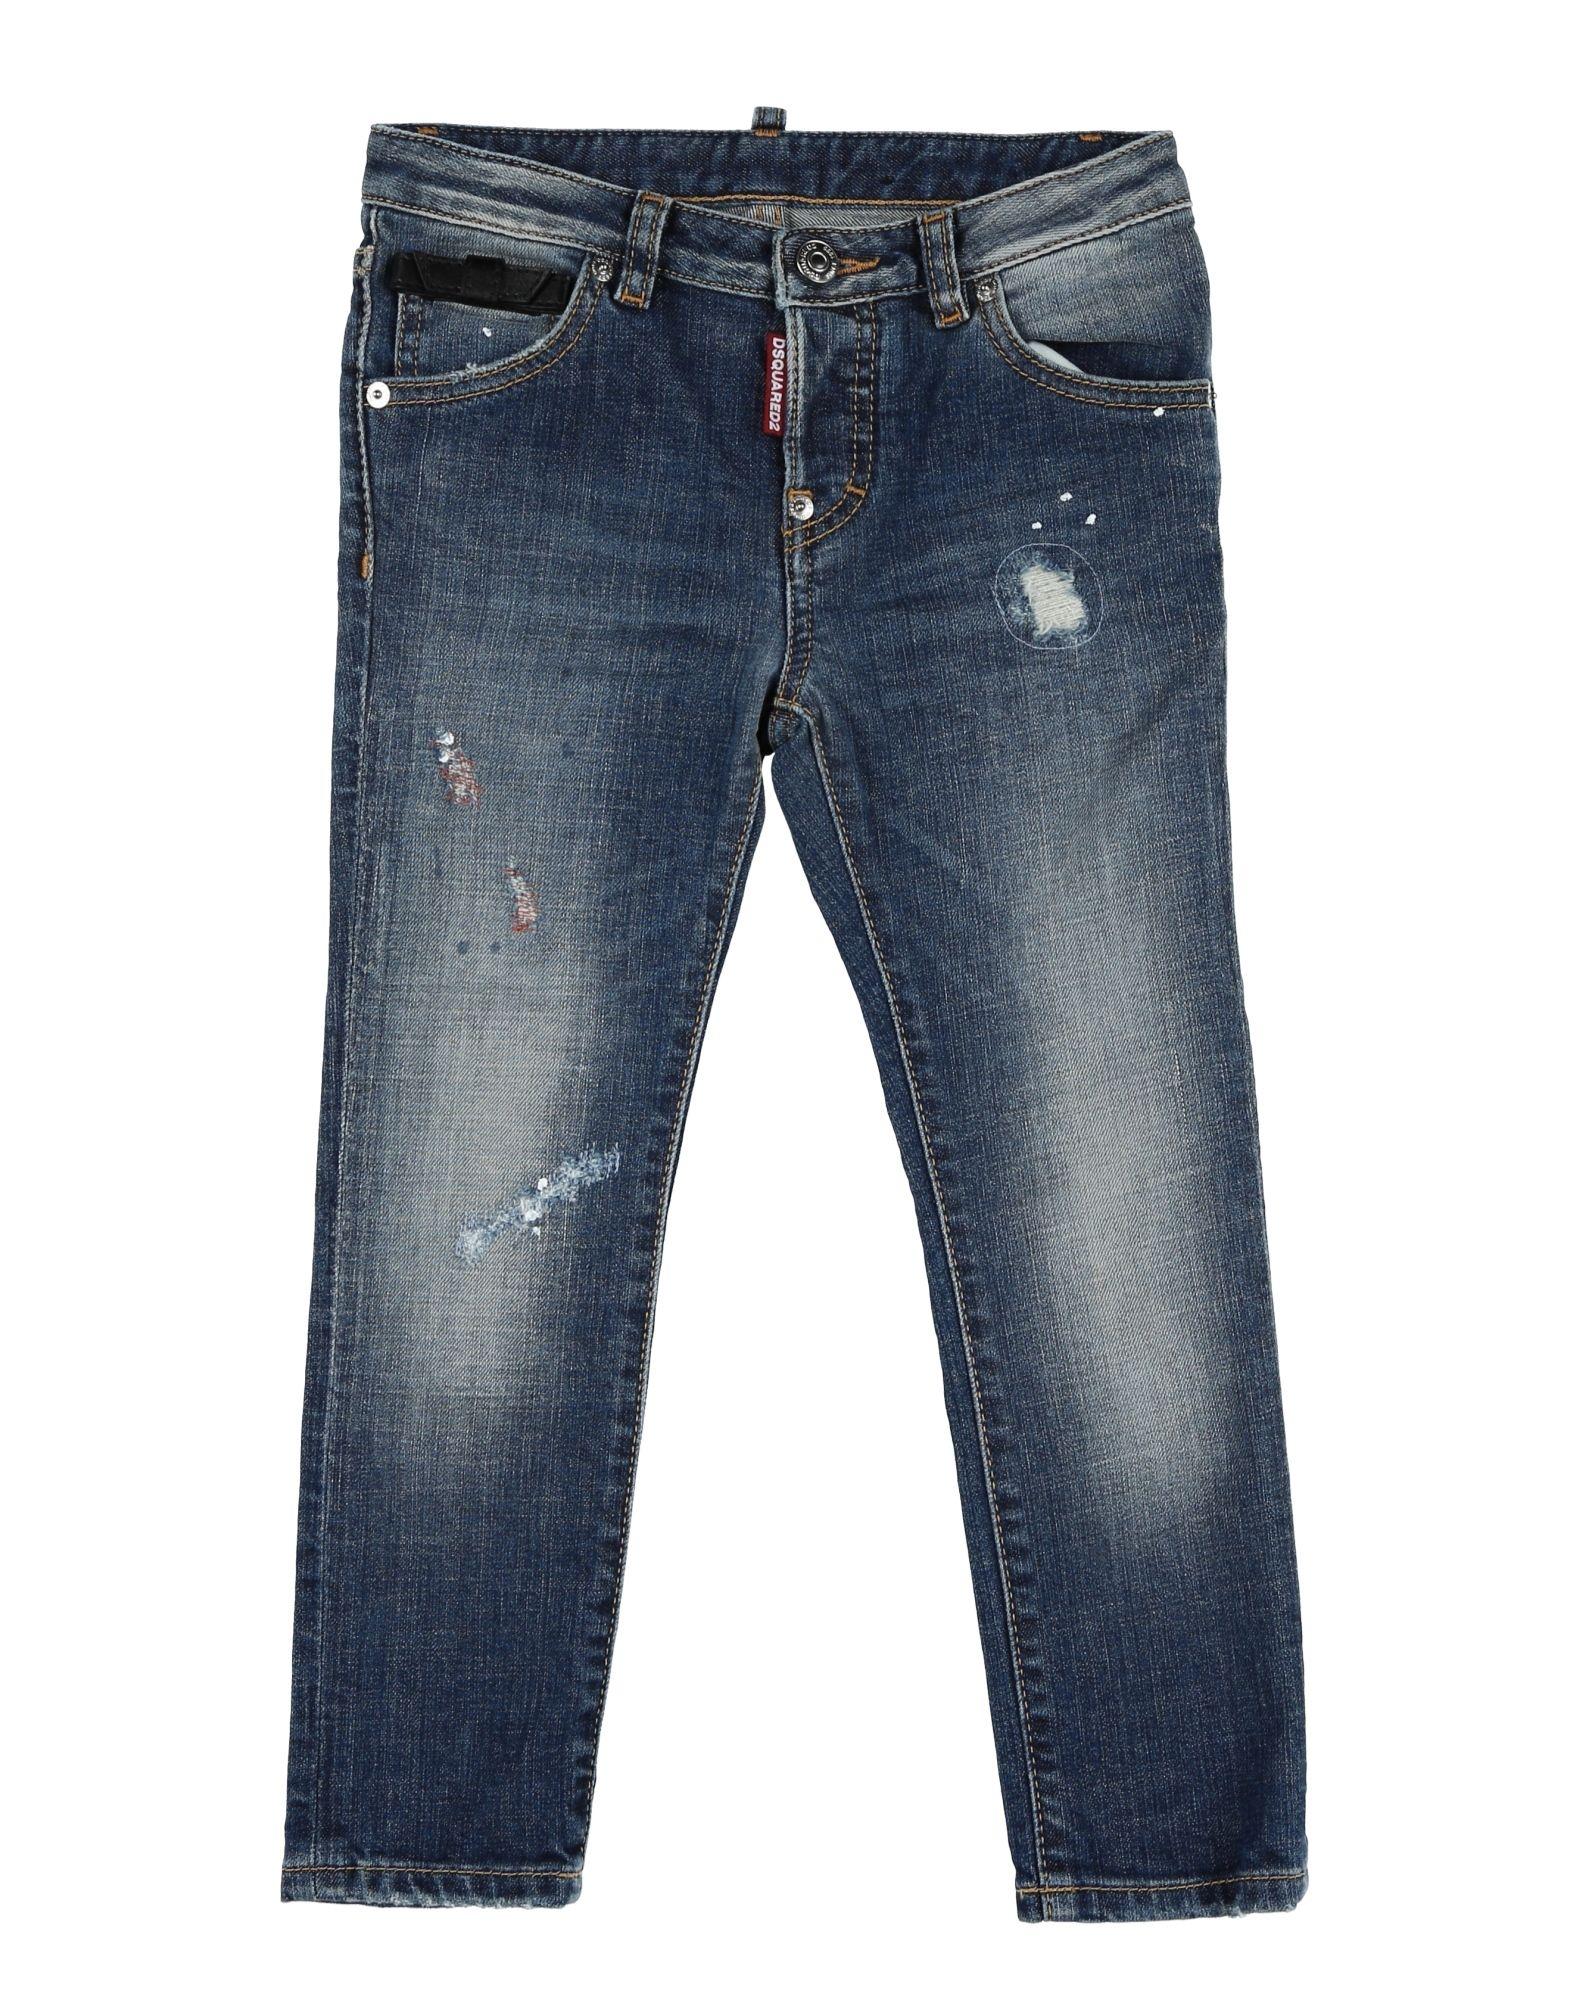 DSQUARED2 Mädchen 3-8 jahre Jeanshose Farbe Blau Größe 6 jetztbilligerkaufen